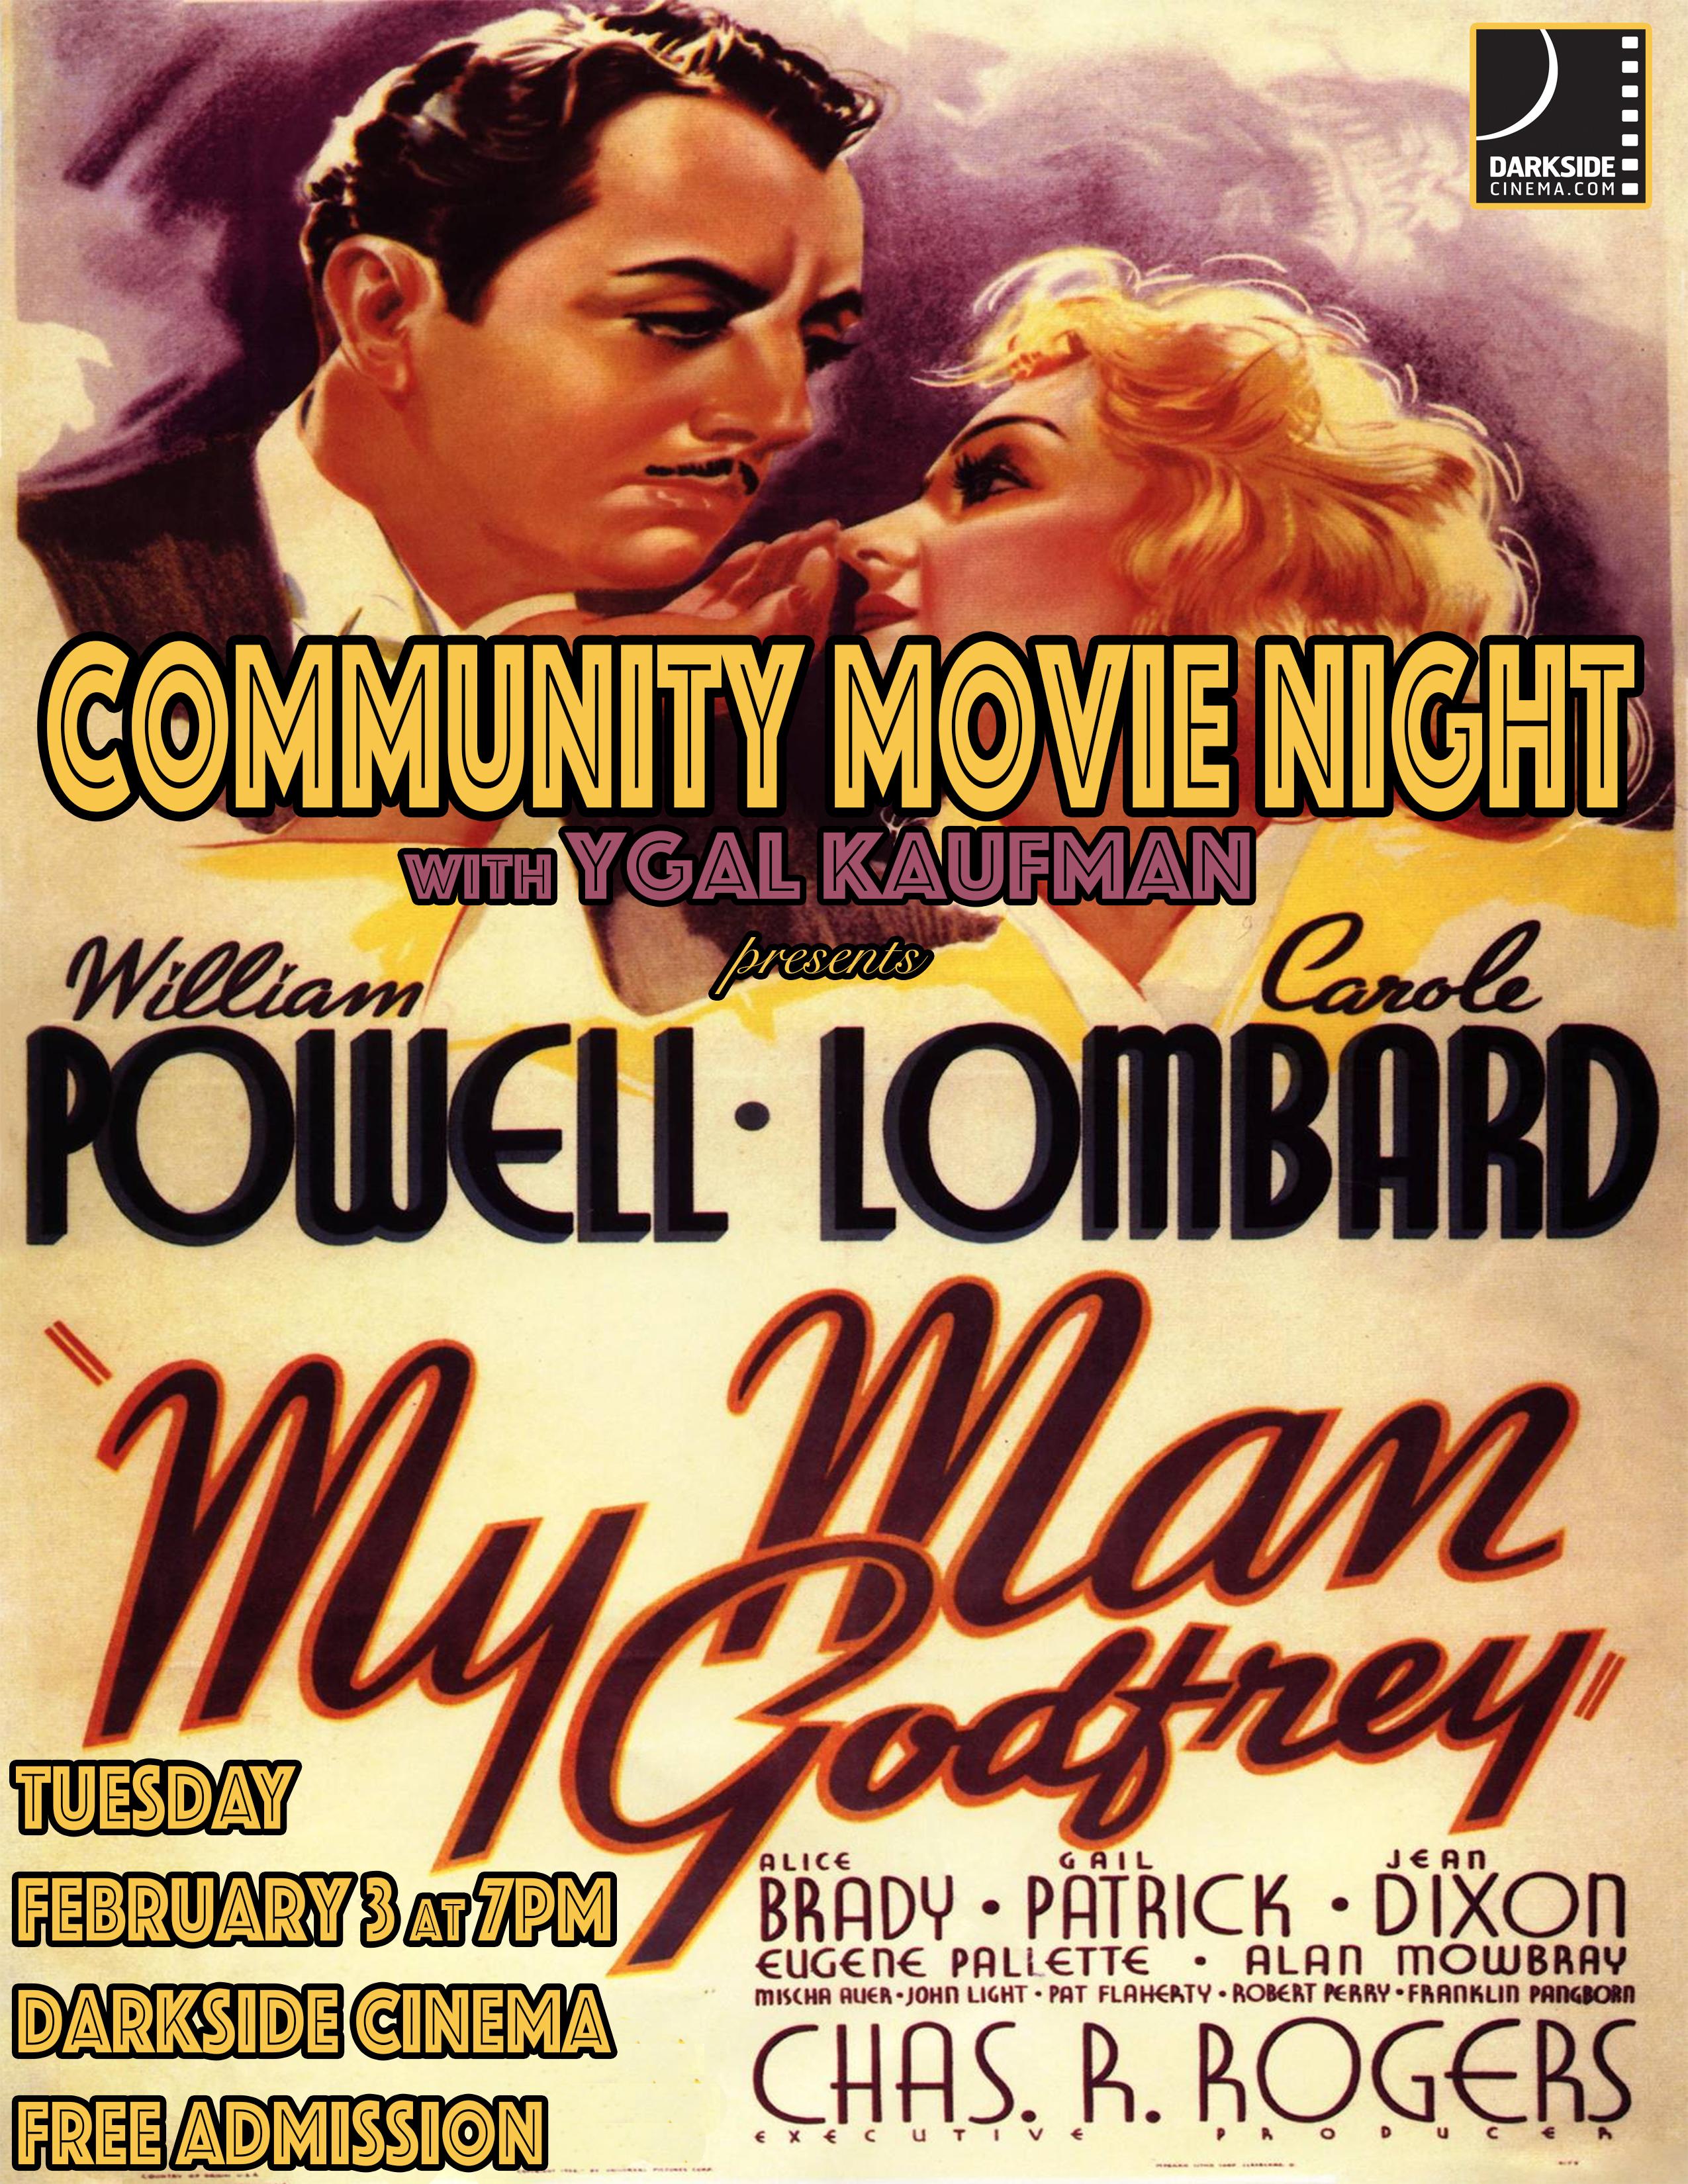 MovieNight_Tuesday3